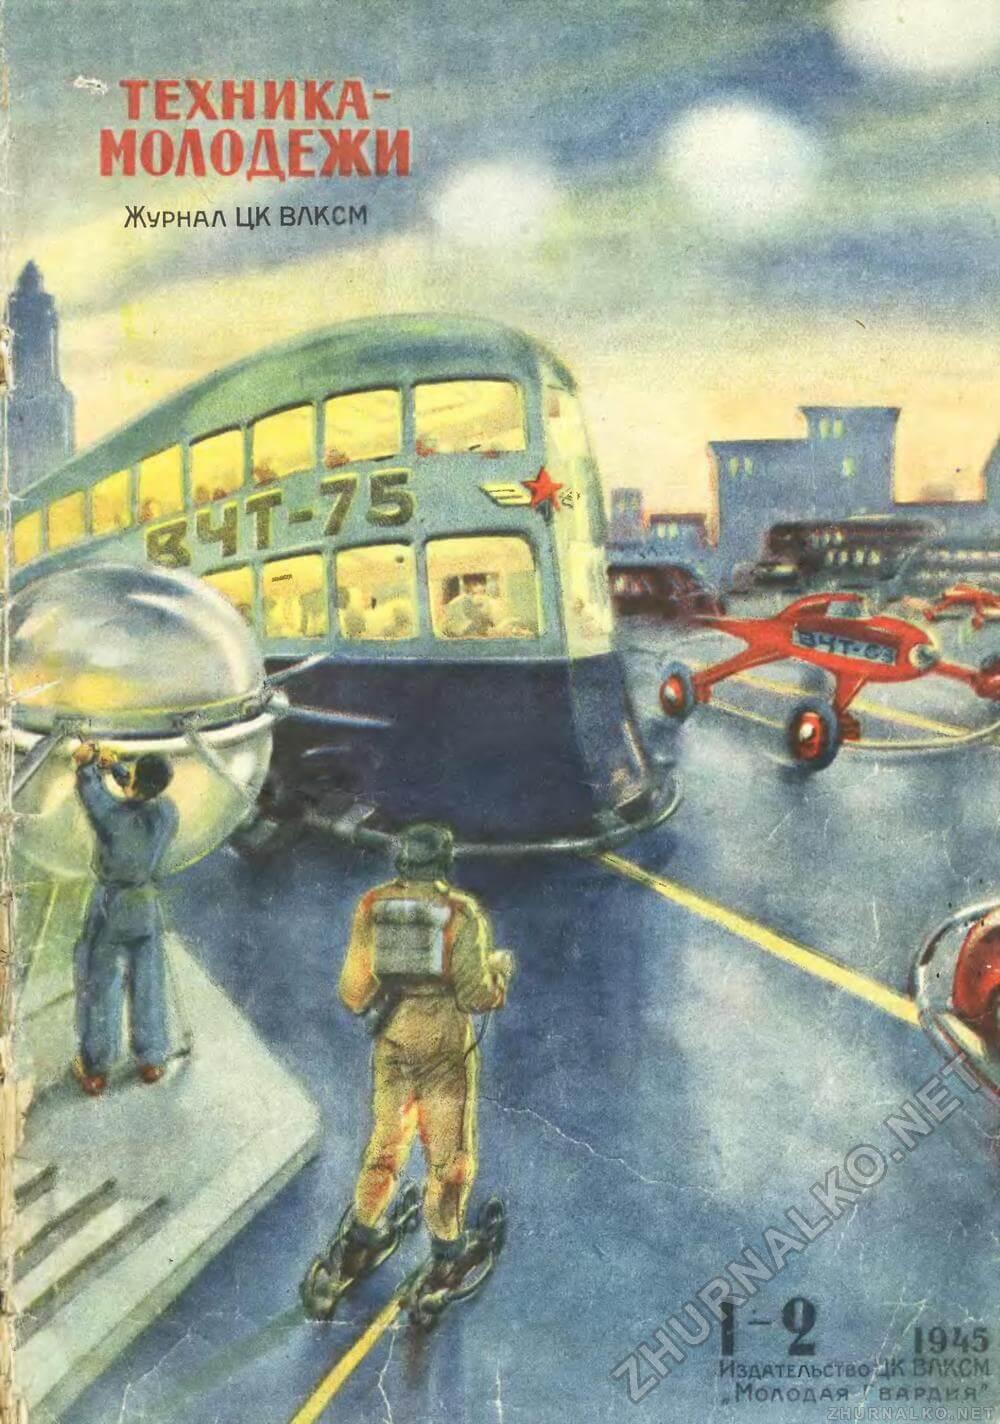 Así imaginaban el futuro en la antigua Unión Soviética Transpor3